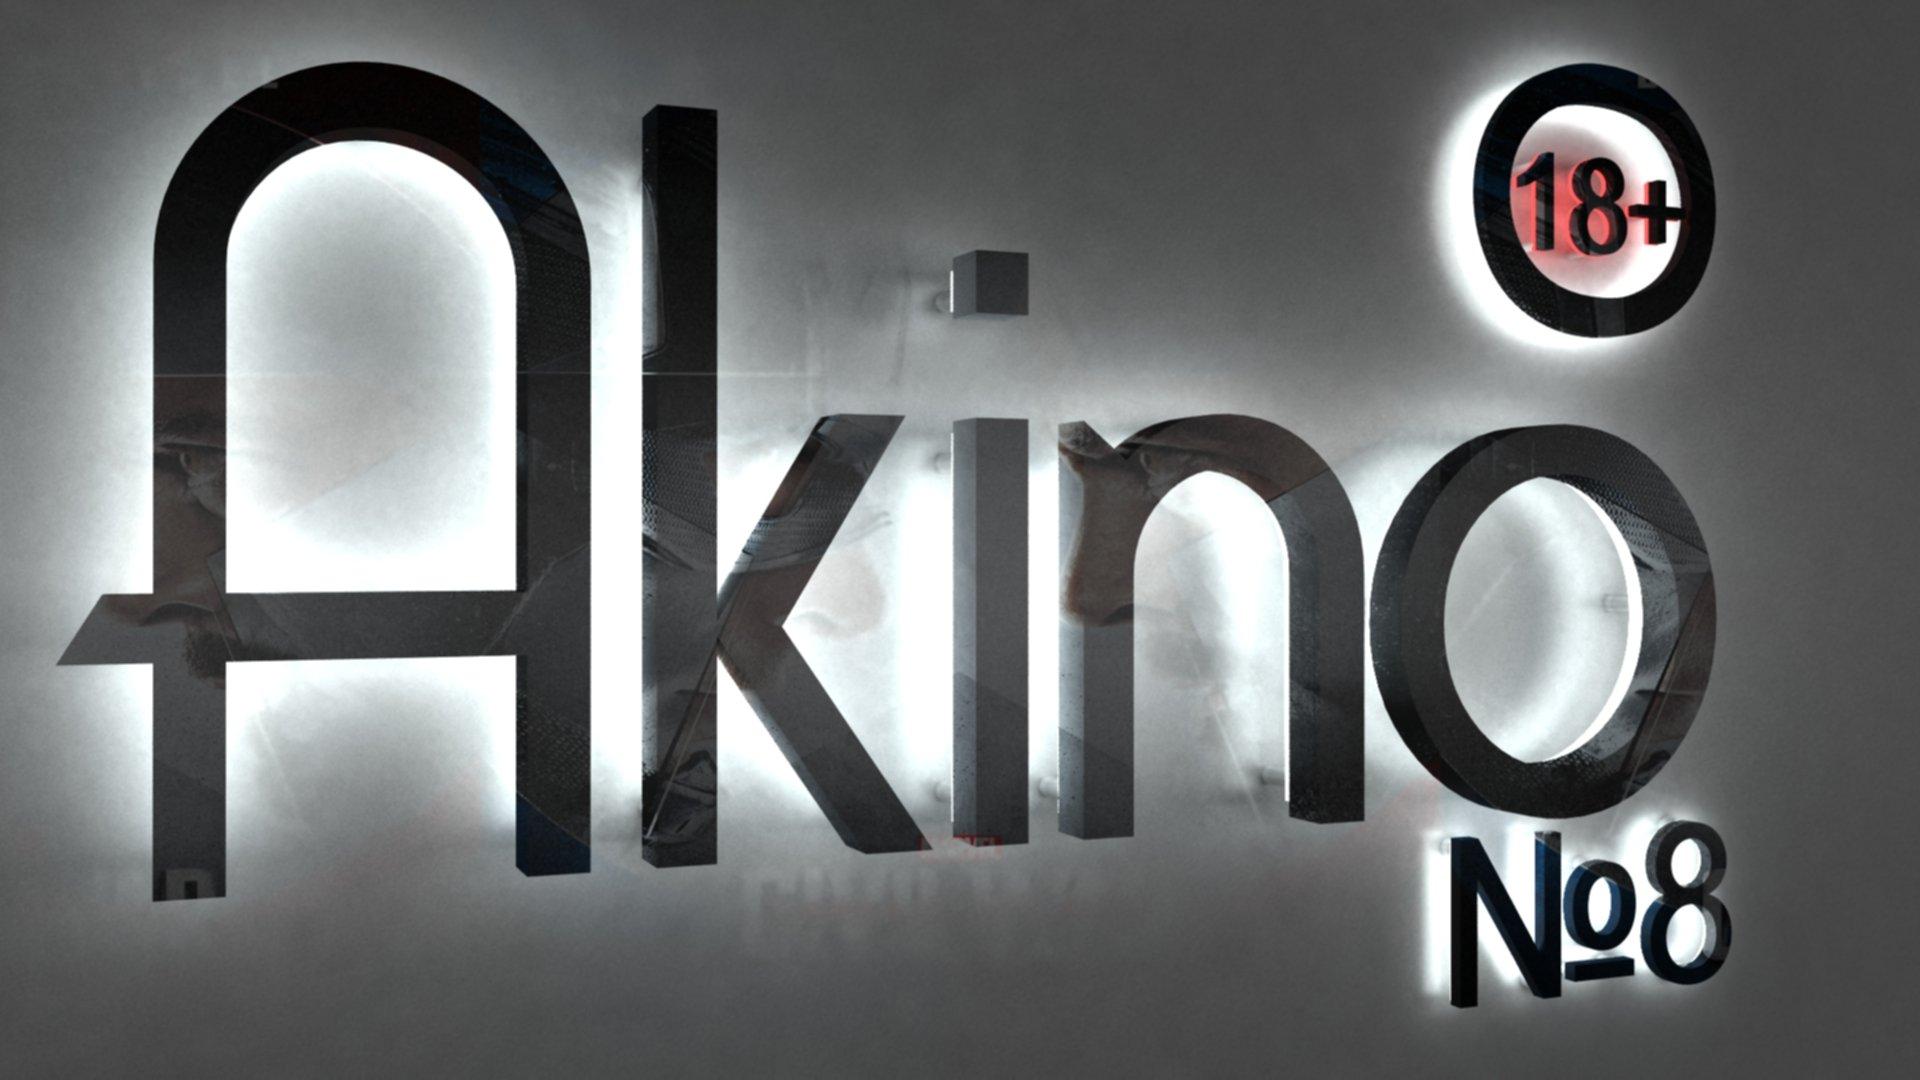 Подкаст AkiNO Выпуск № 8 (18+) - Изображение 2